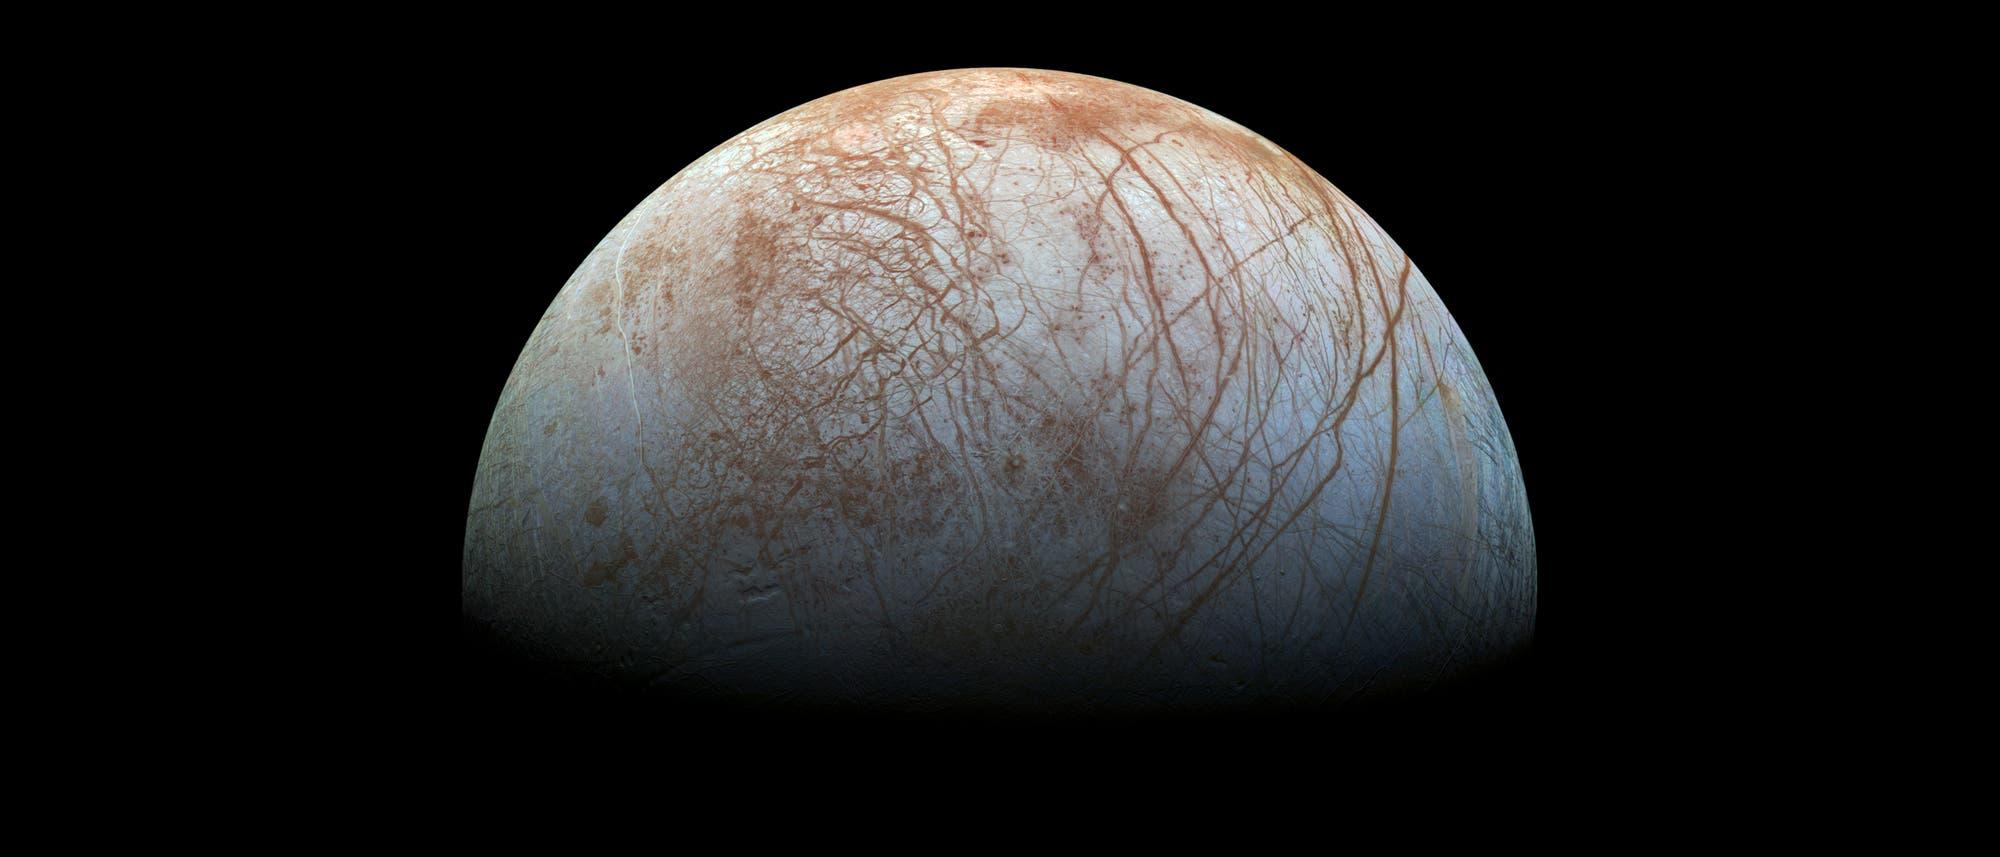 Der Jupitermond Europa hat eine Oberfläche aus Eis, über das gezackte, rotbraune Risse laufen.